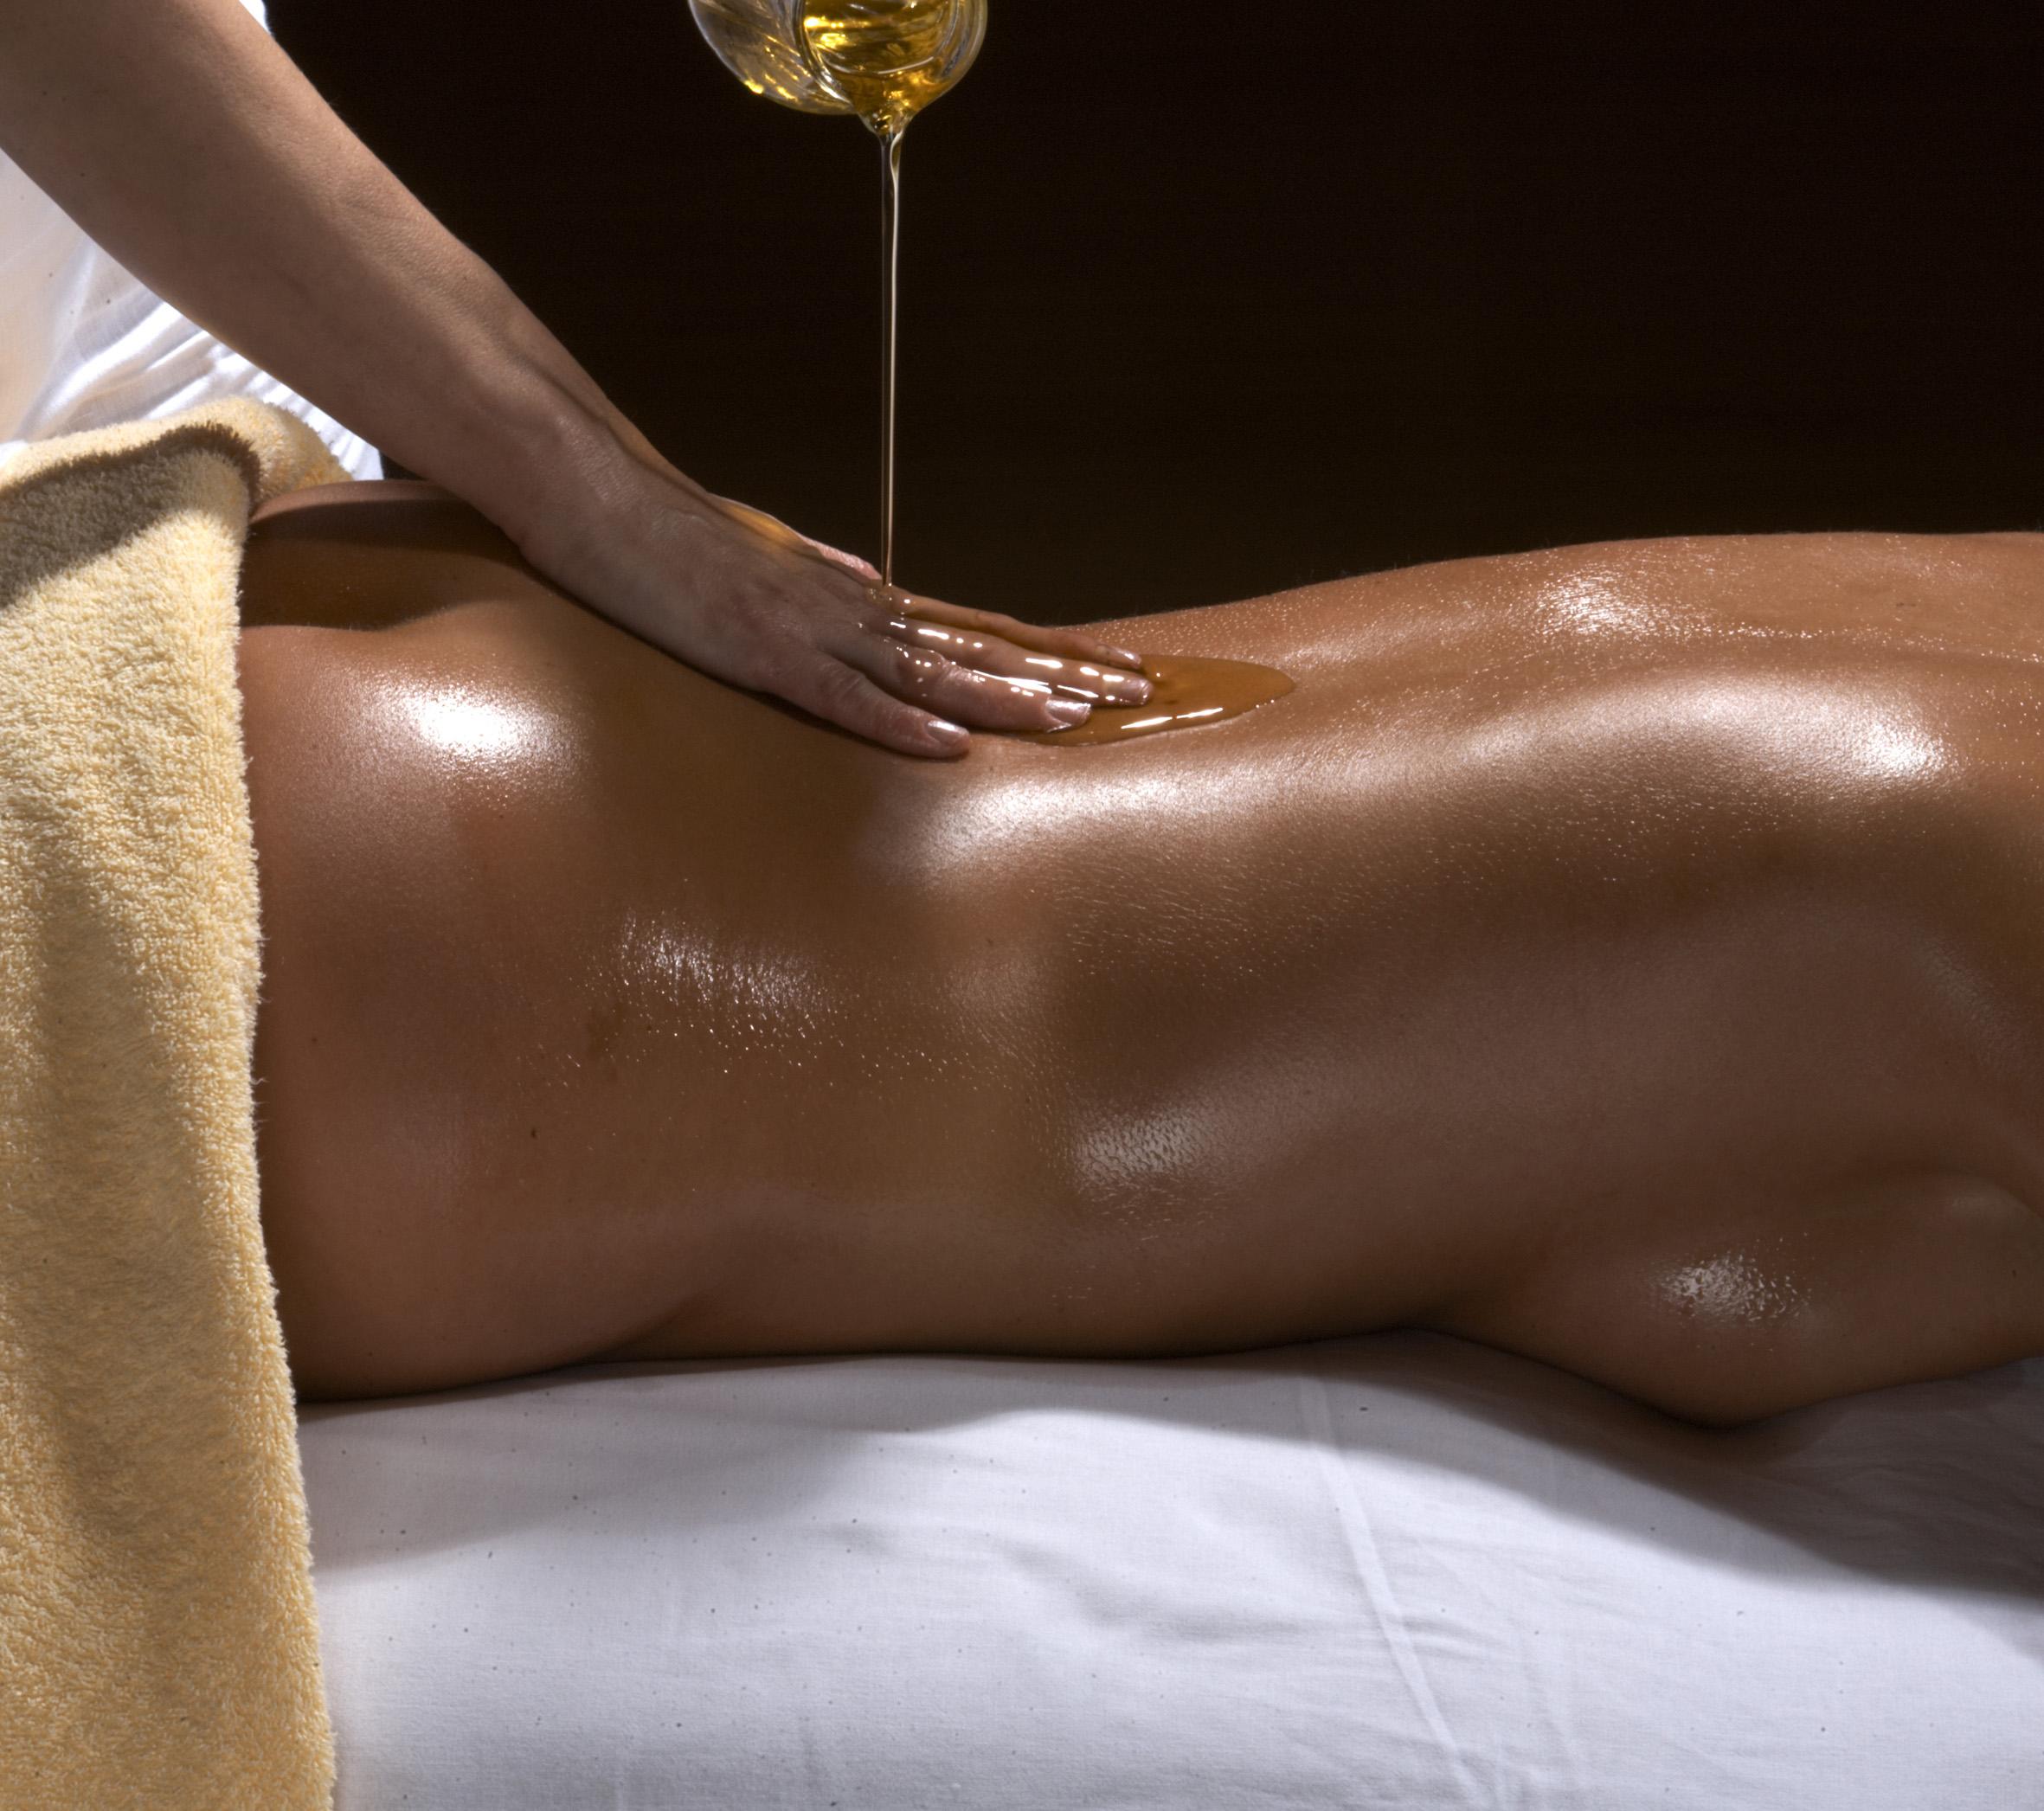 Эфирные масла для эротического массажа 11 фотография